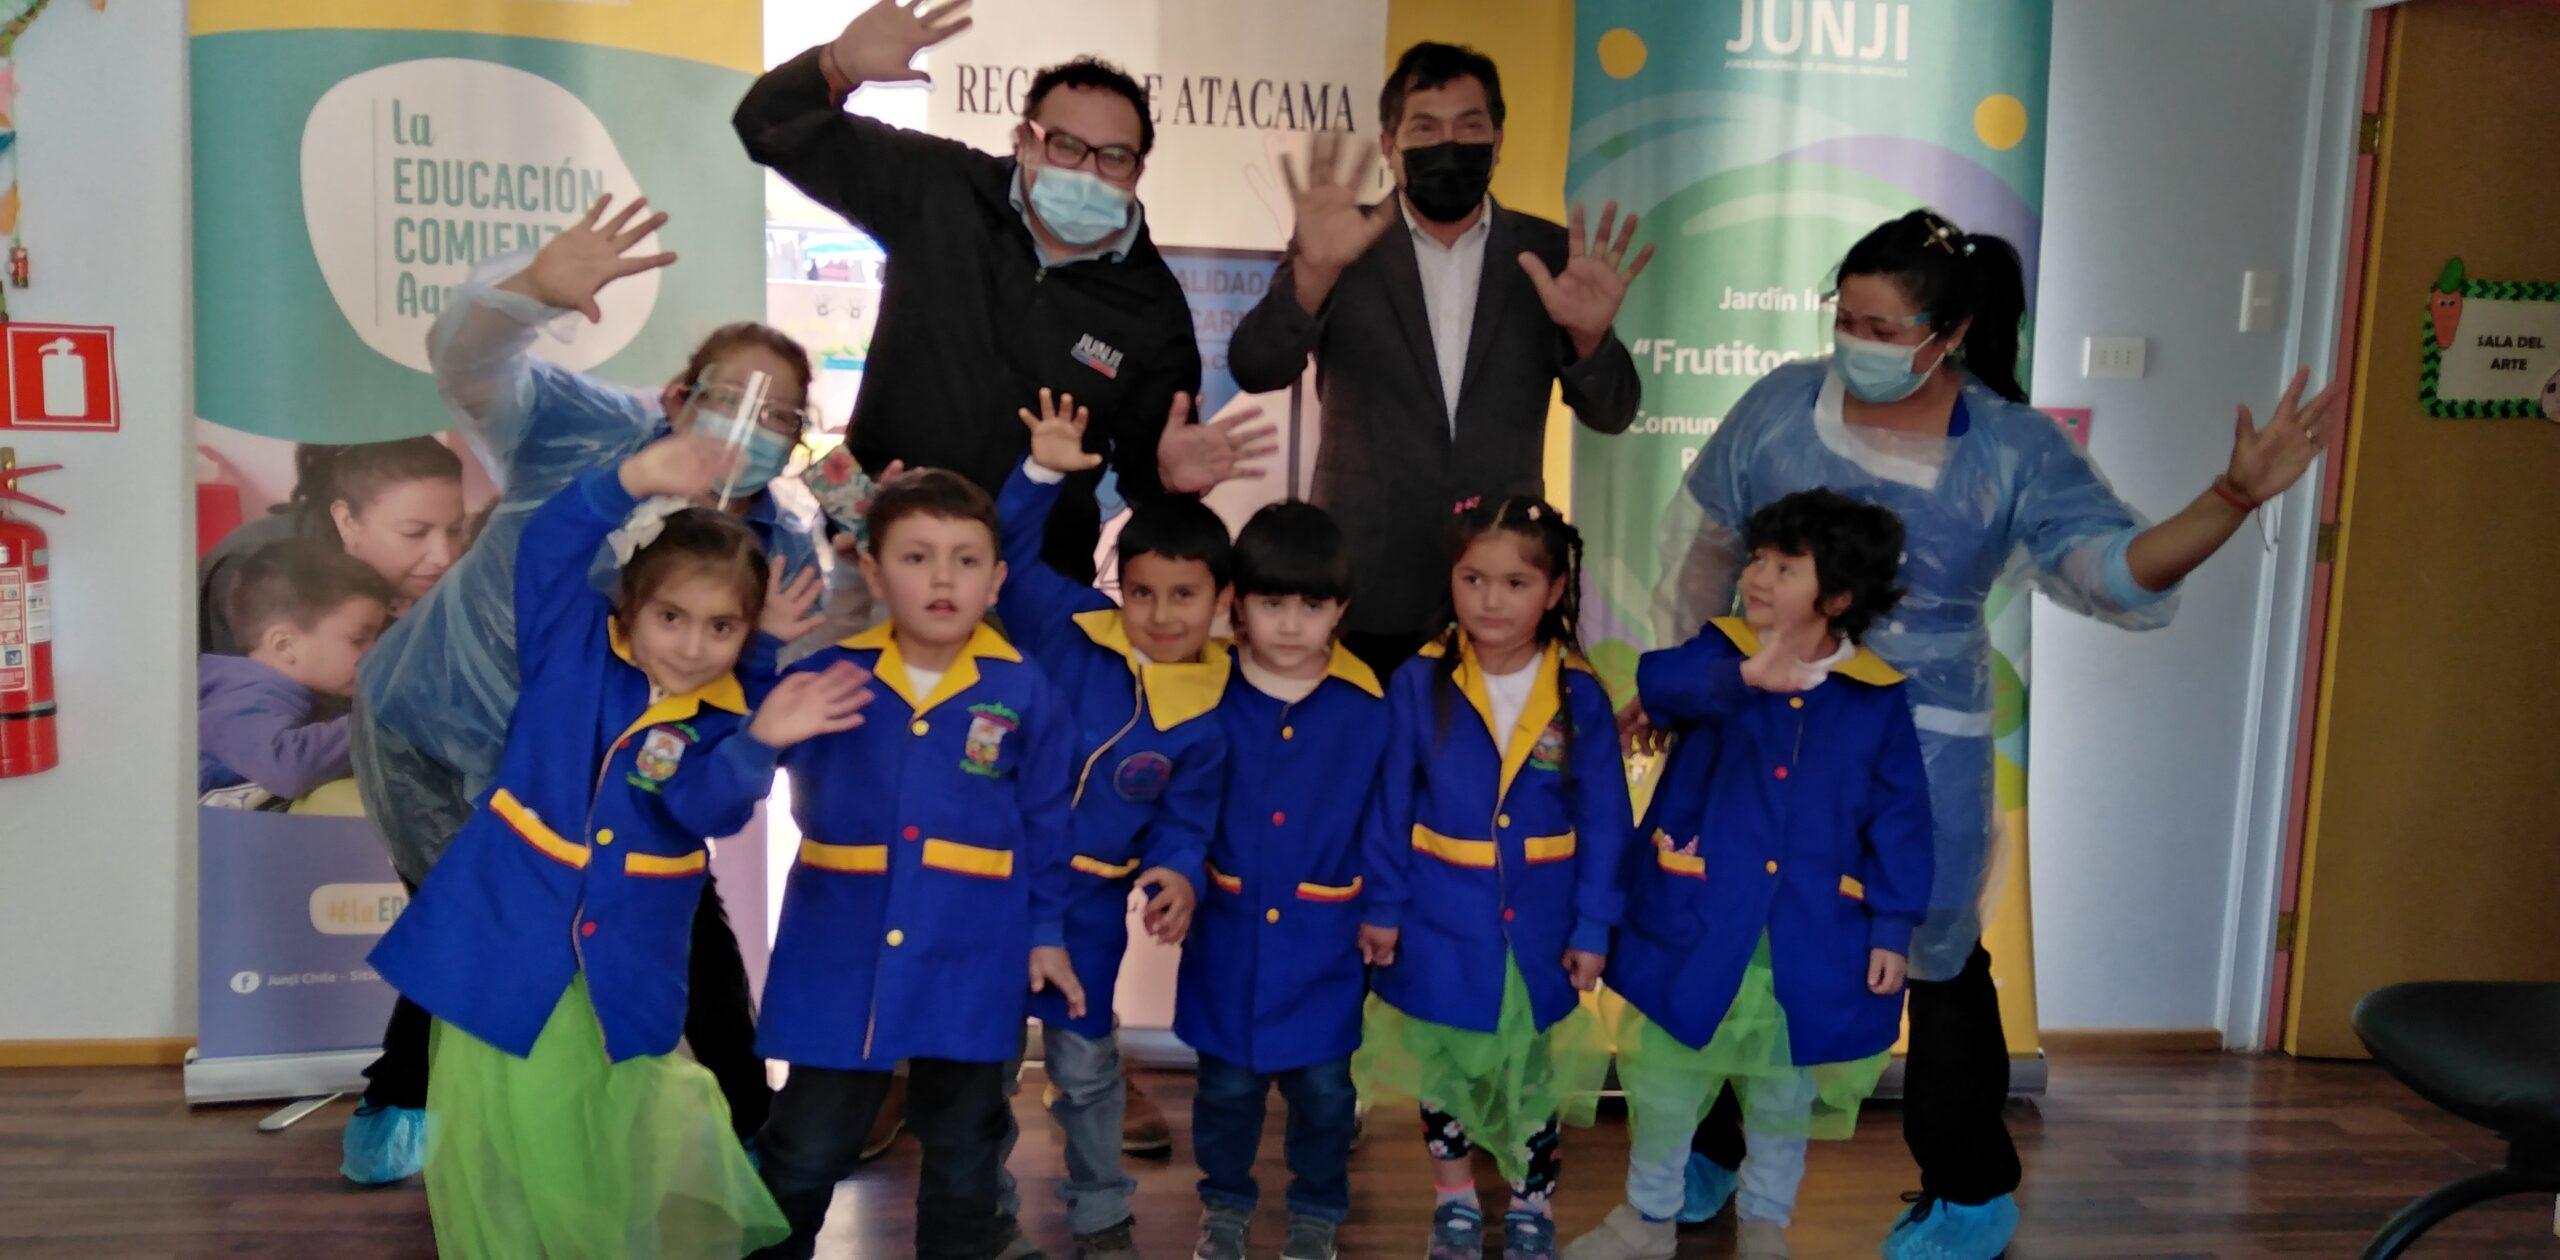 """Firma de comodato de Jardín infantil Alternativo """"Frutitos del valle"""" permitirá a JUNJI optar a la obtención del Reconocimiento oficial del establecimiento"""